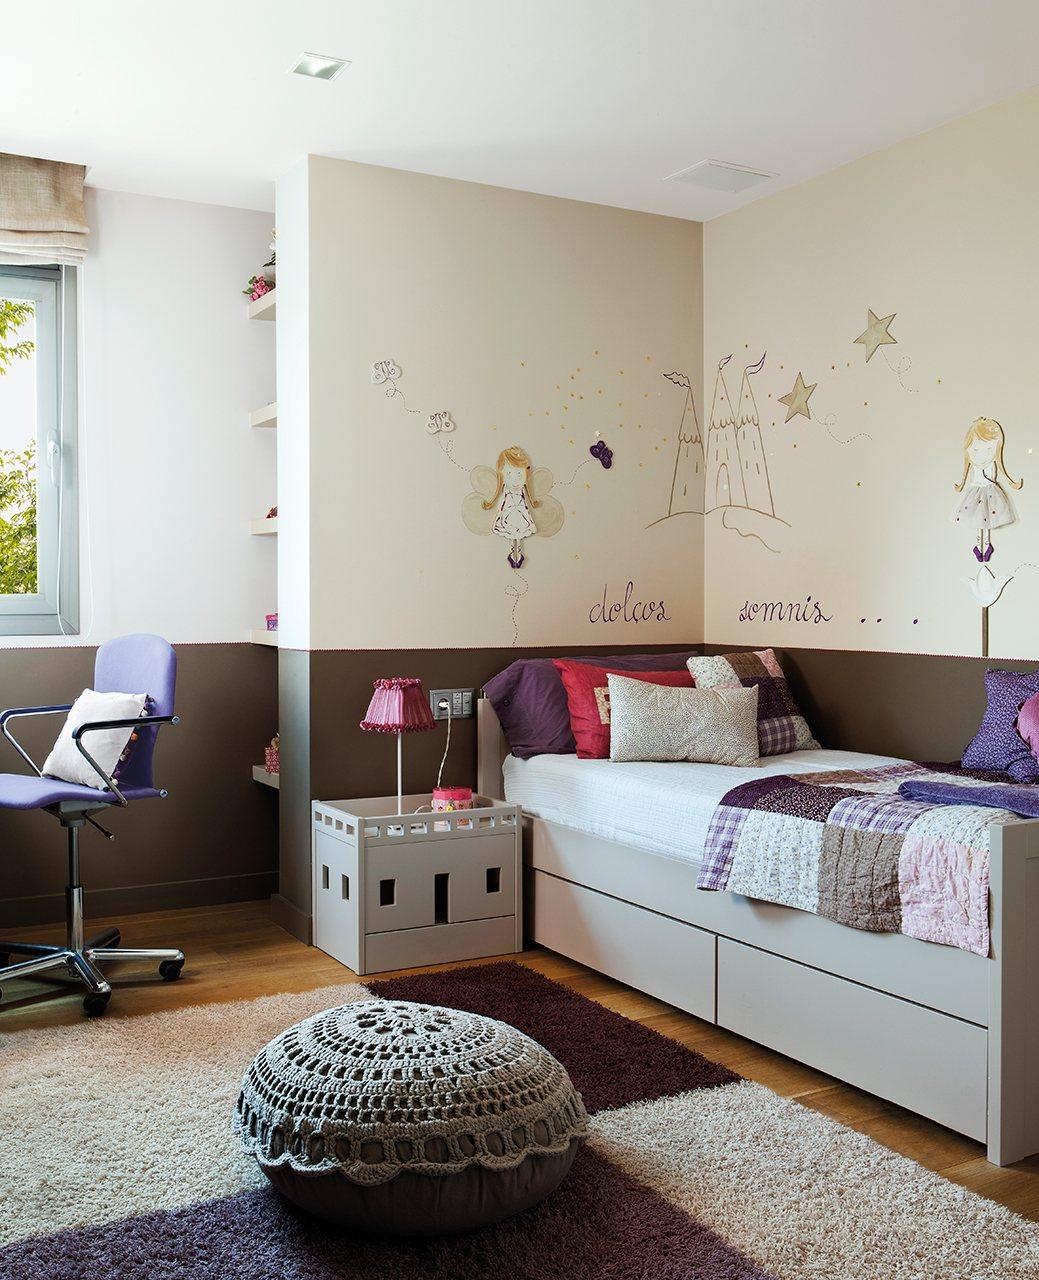 Dormitorio juvenil chica latest dormitorio juvenil nia habitacion juvenil nia perfect - Dormitorios de chica ...